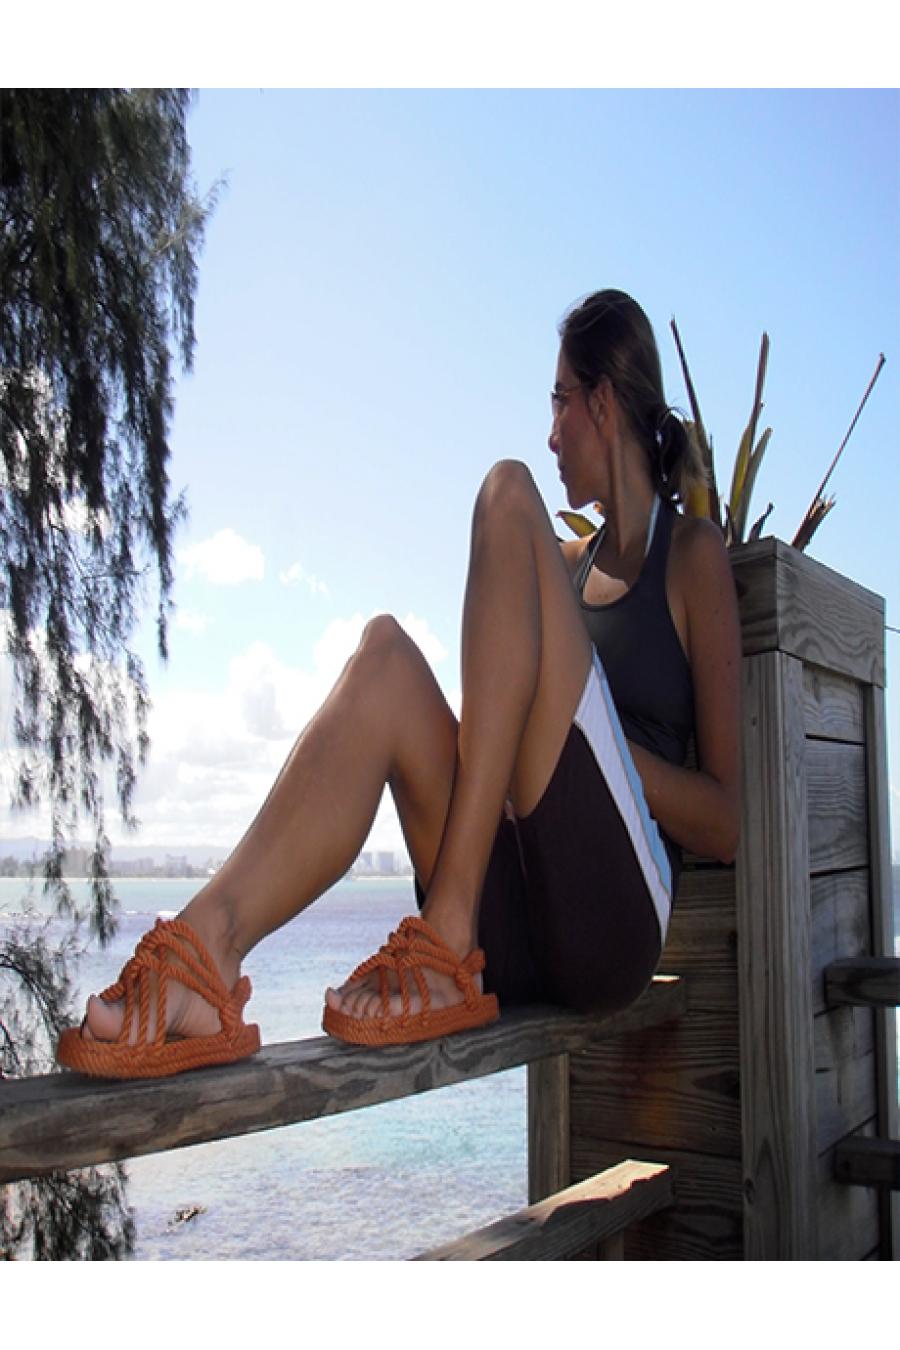 Nomadic State of Mind - JC Pumpkin Turuncu Hasır İp Sandalet